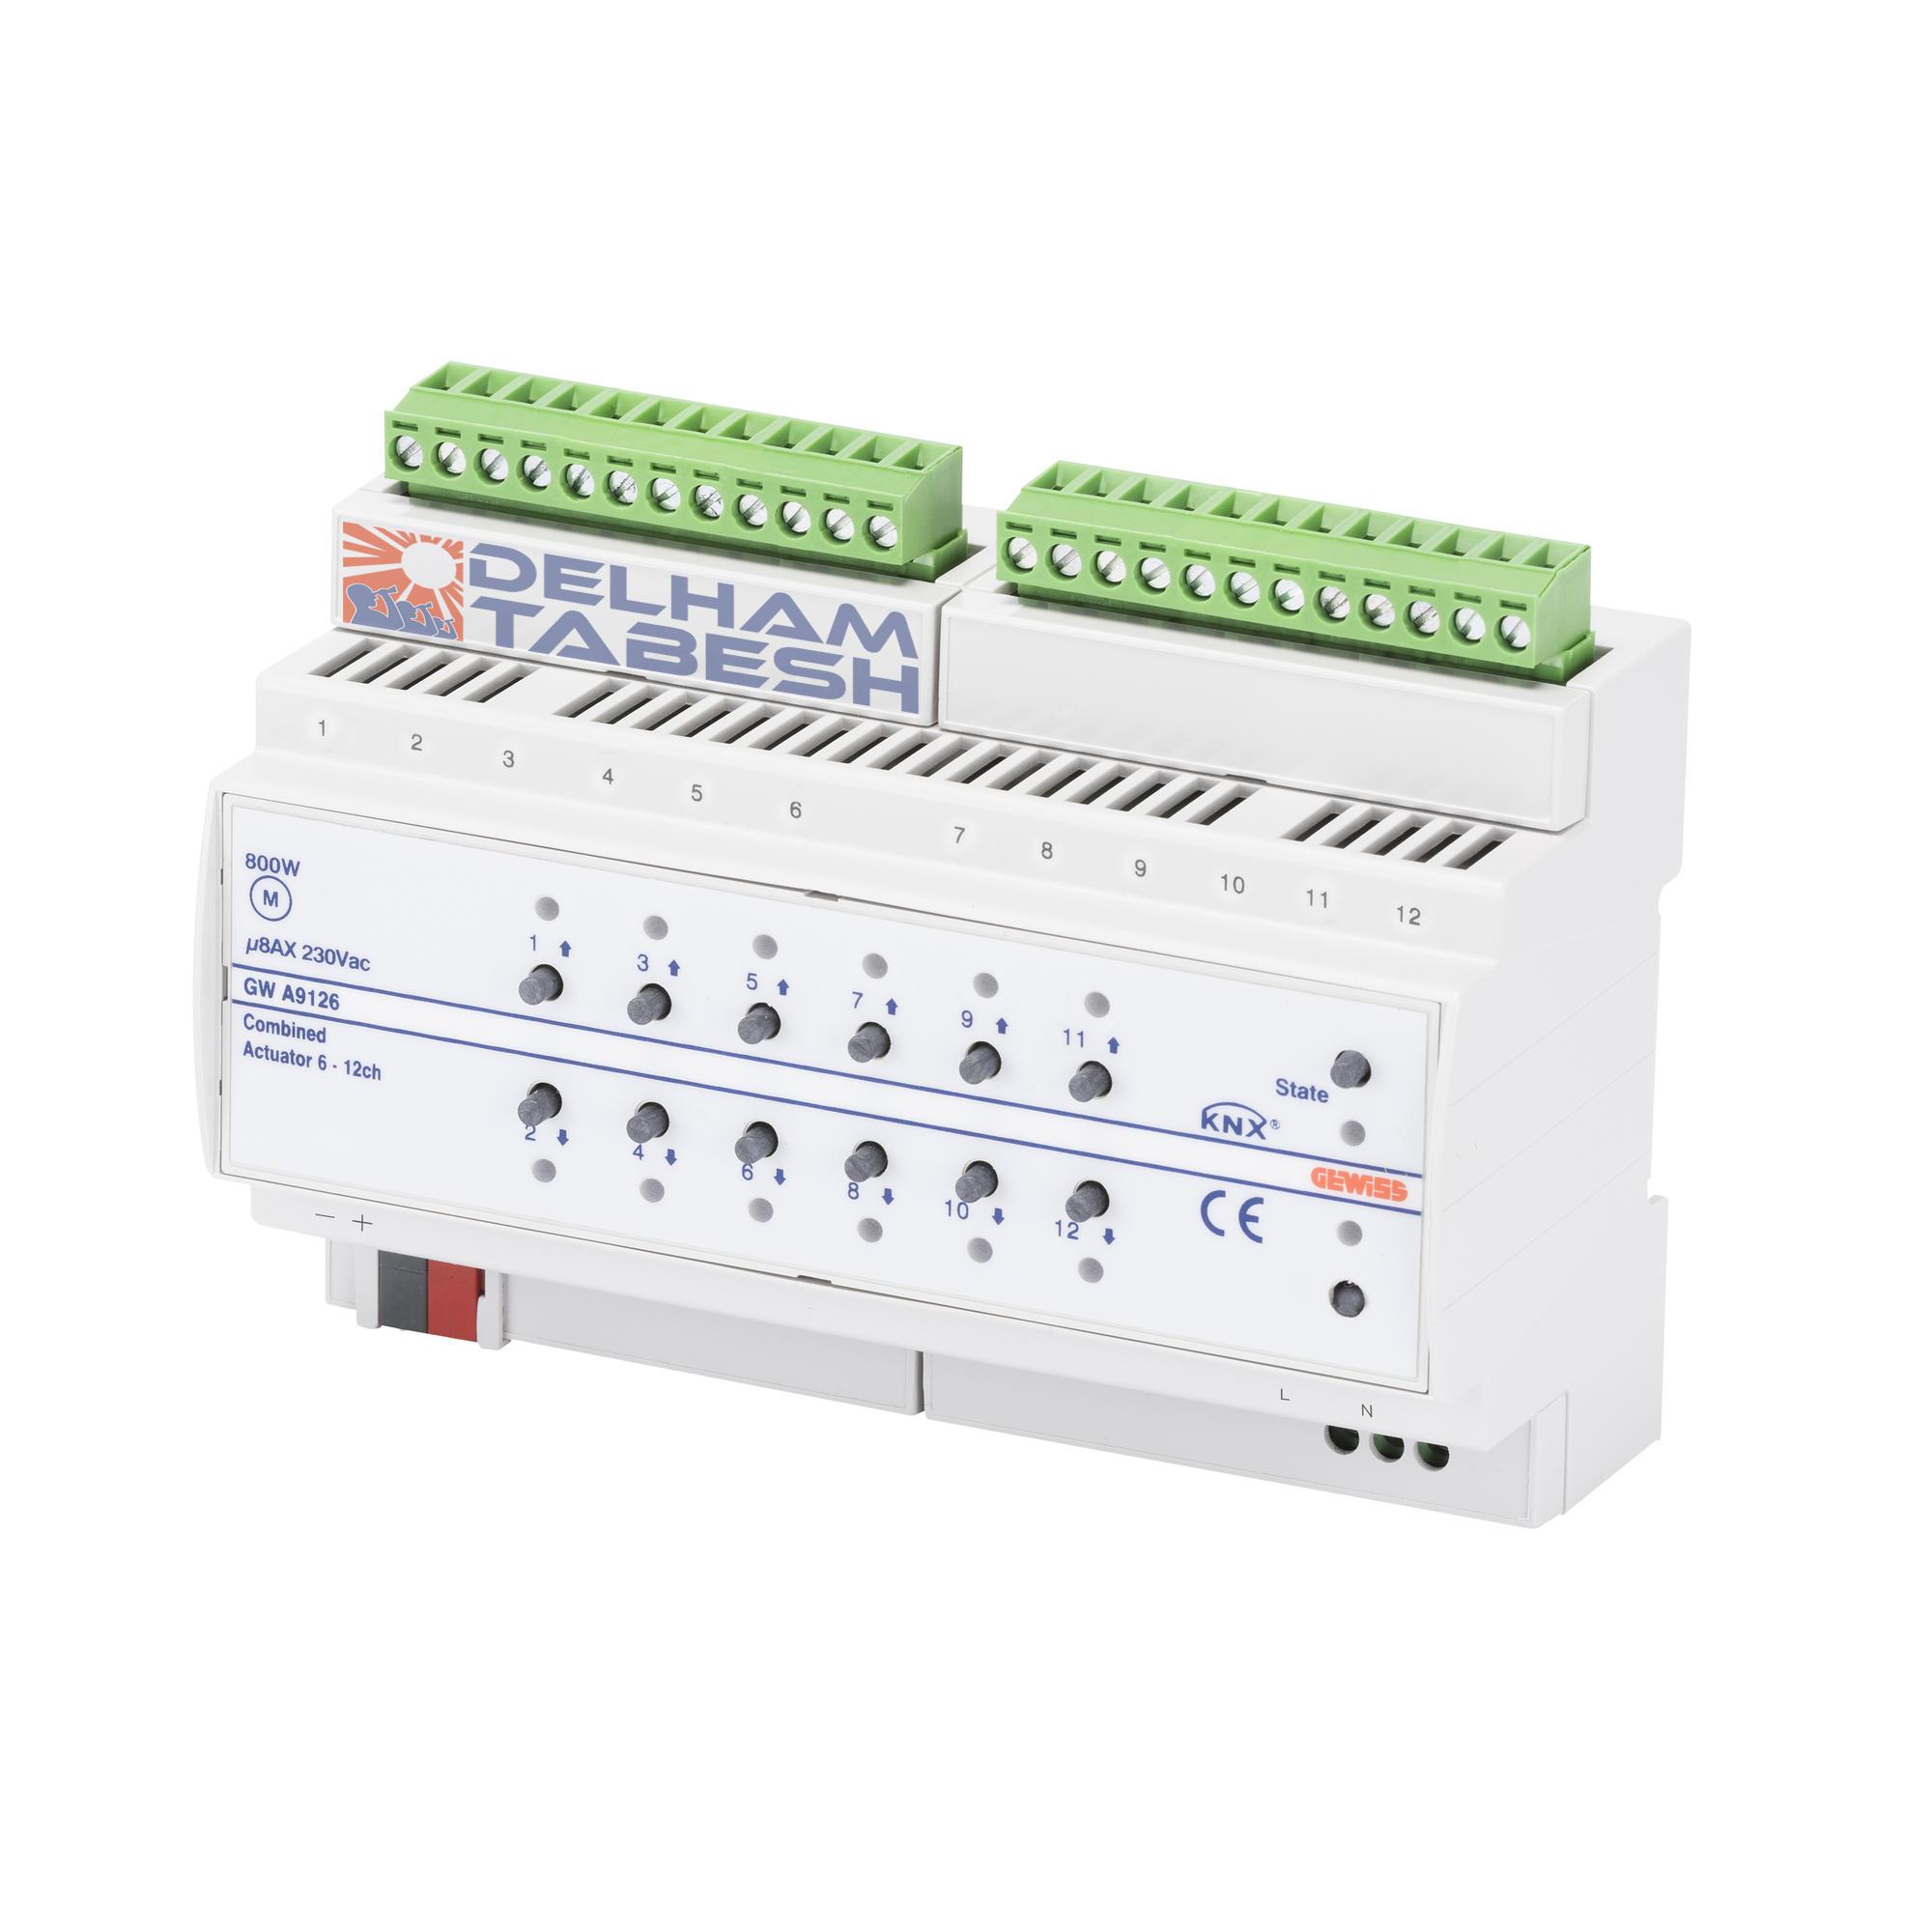 عملگر رله هوشمند ۱۲ کاناله knx عملگر رله هوشمند ۱۲ کاناله KNX GWA9126 1